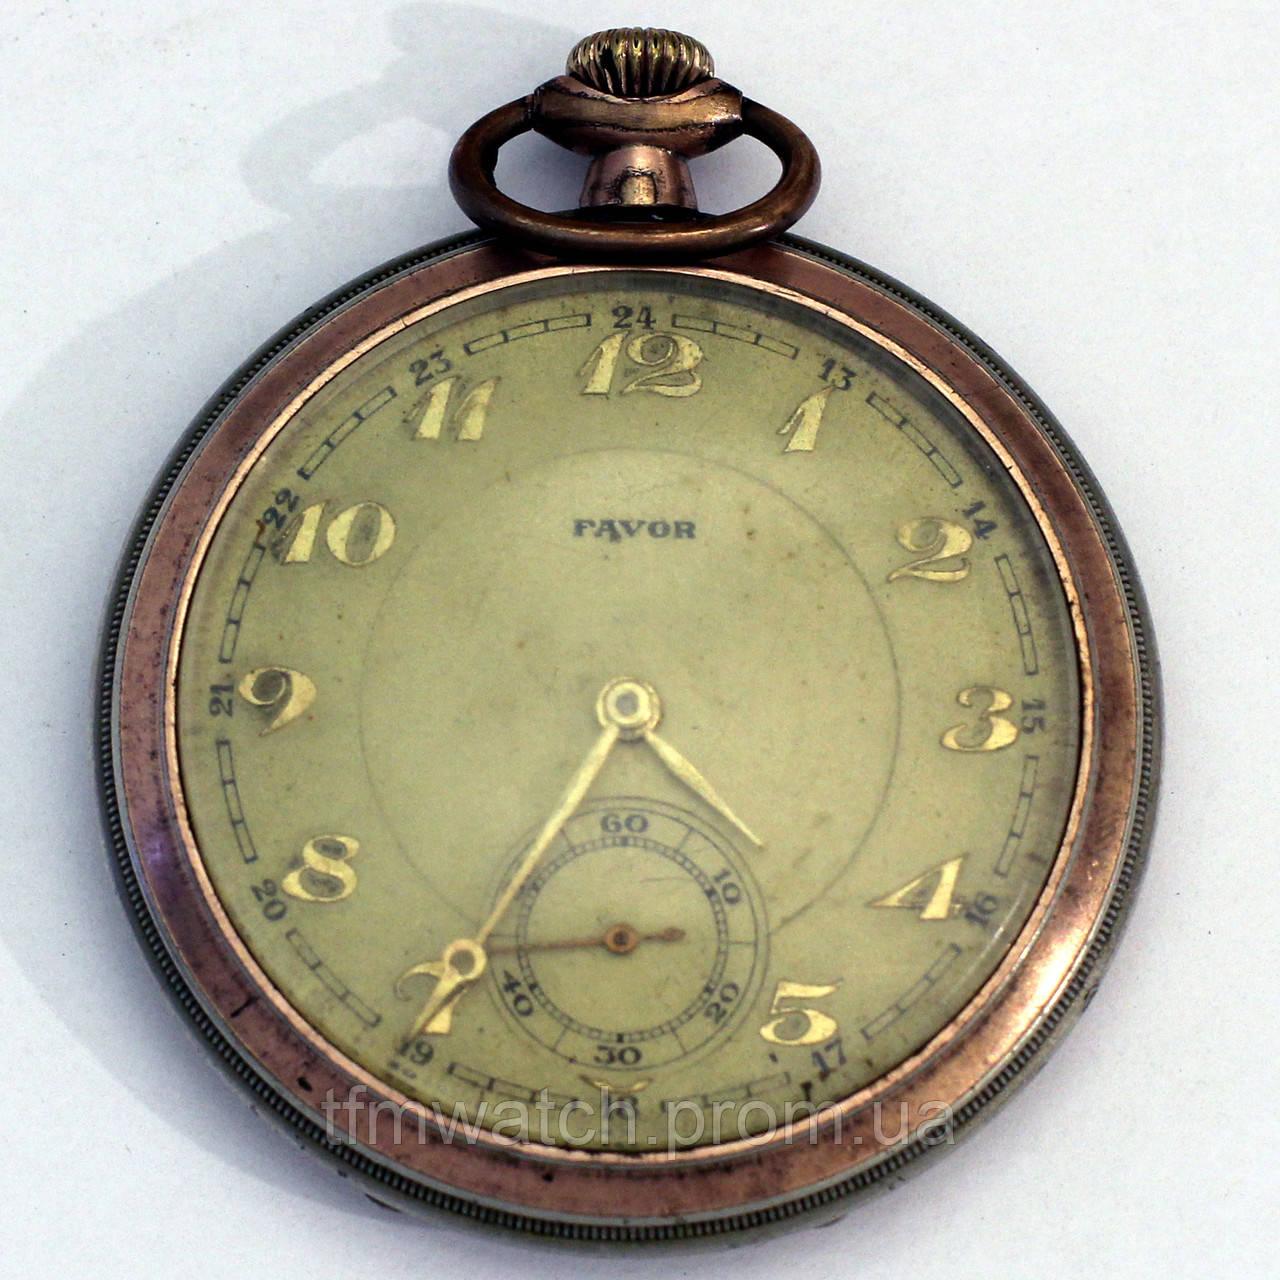 Купить старинные швейцарские карманные часы детские аналоговые наручные часы